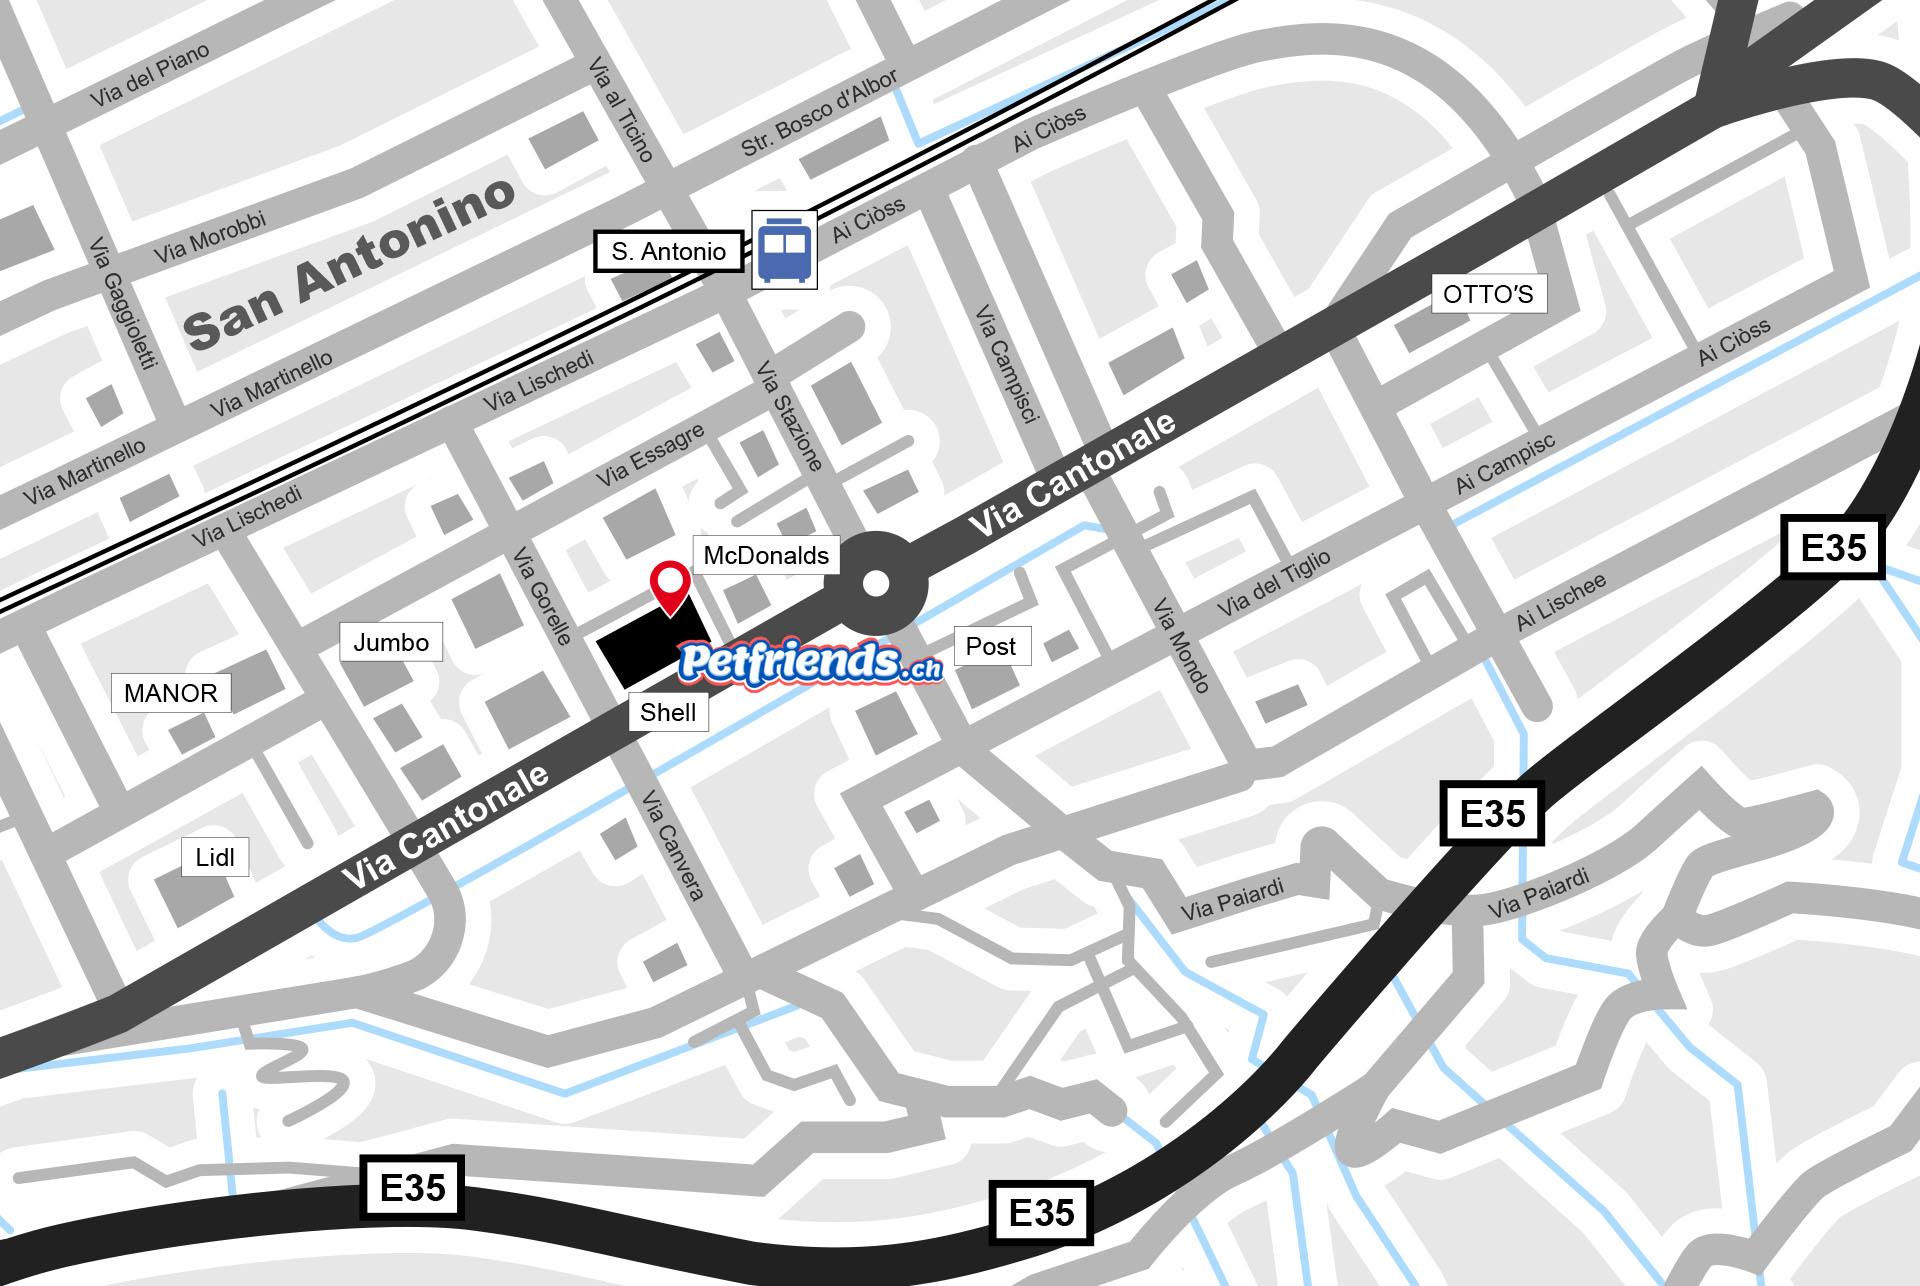 Plan San Antonino